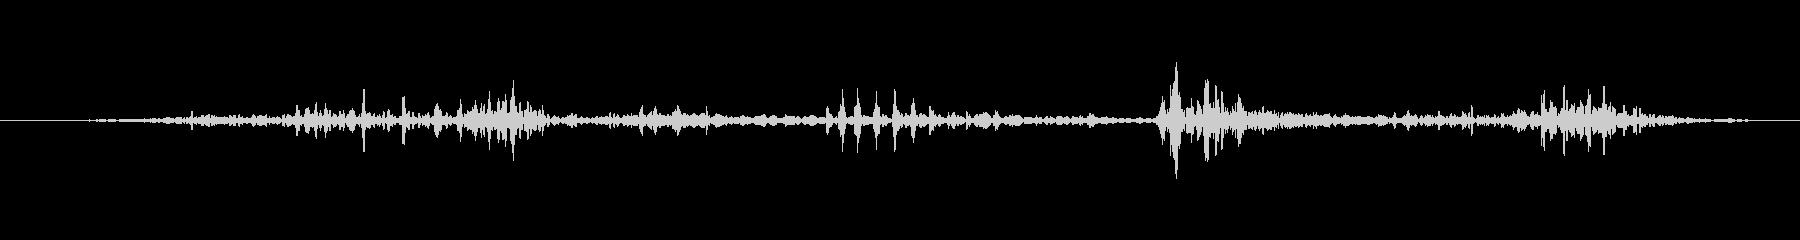 ヤギ 病気のうなり声01の未再生の波形